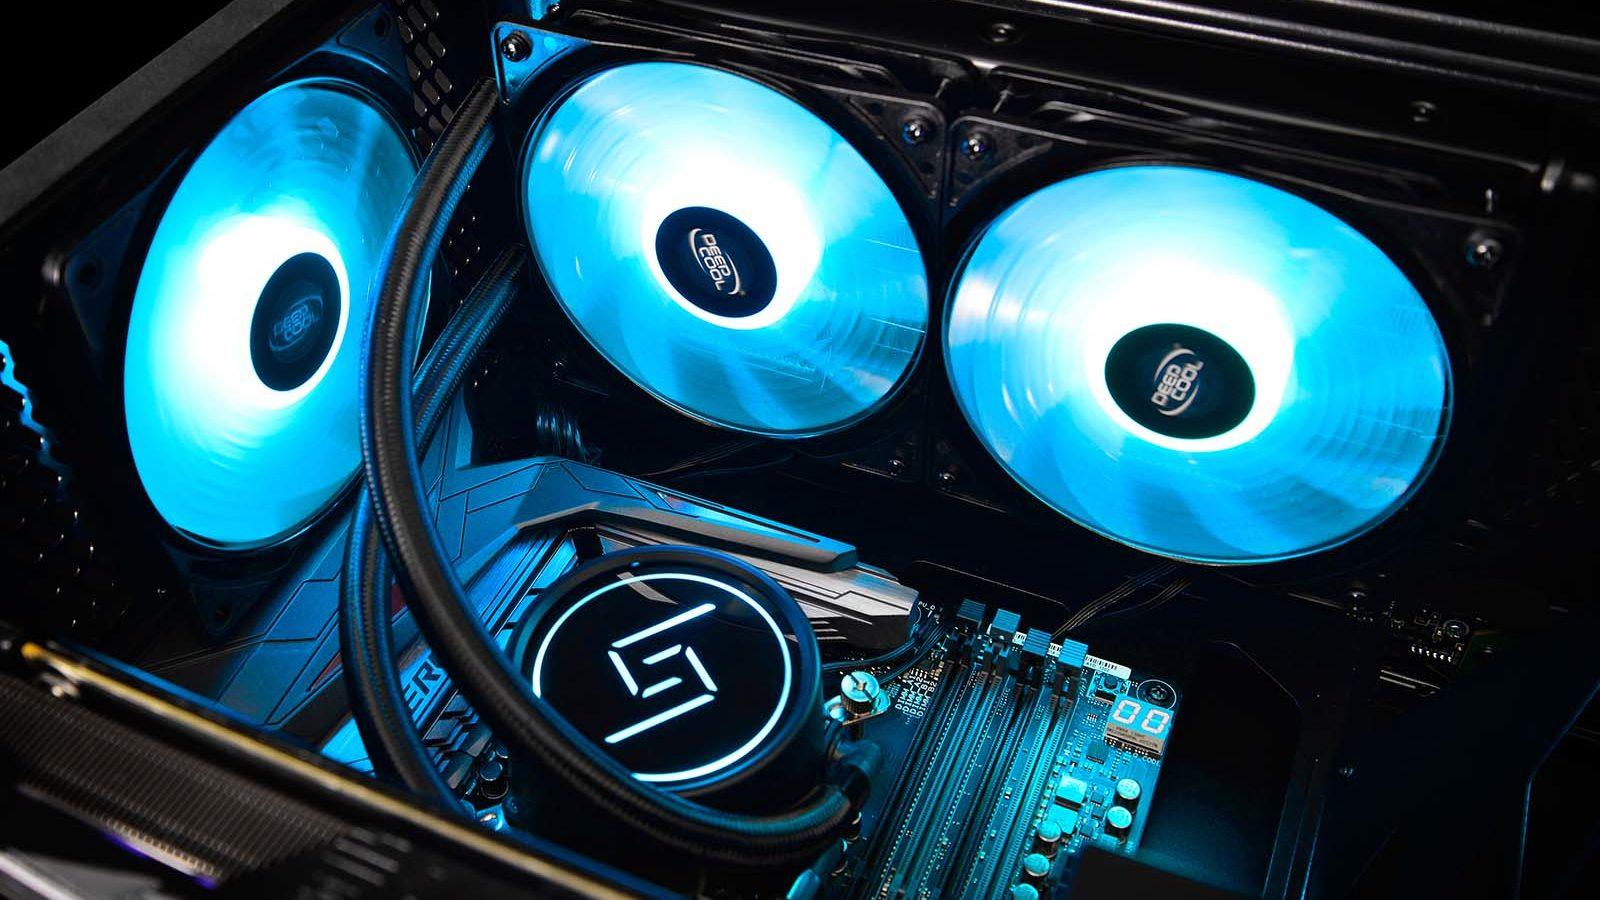 چه نوع خنک کنندههای پردازندهای مناسب است؟